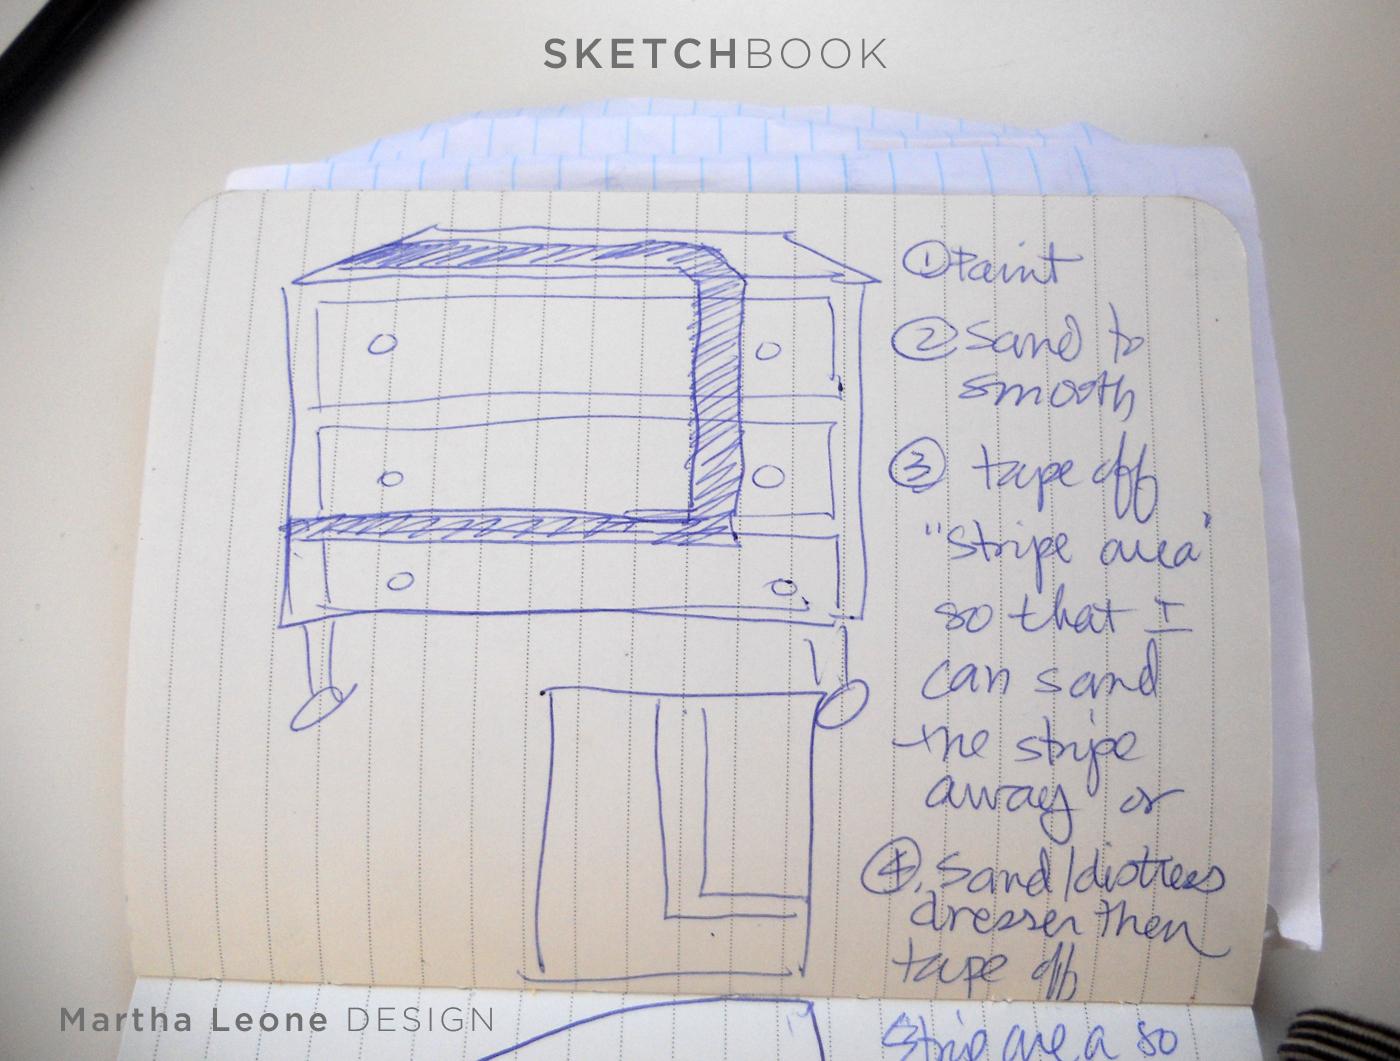 Empire sketch at MarthaLeoneDesign.com